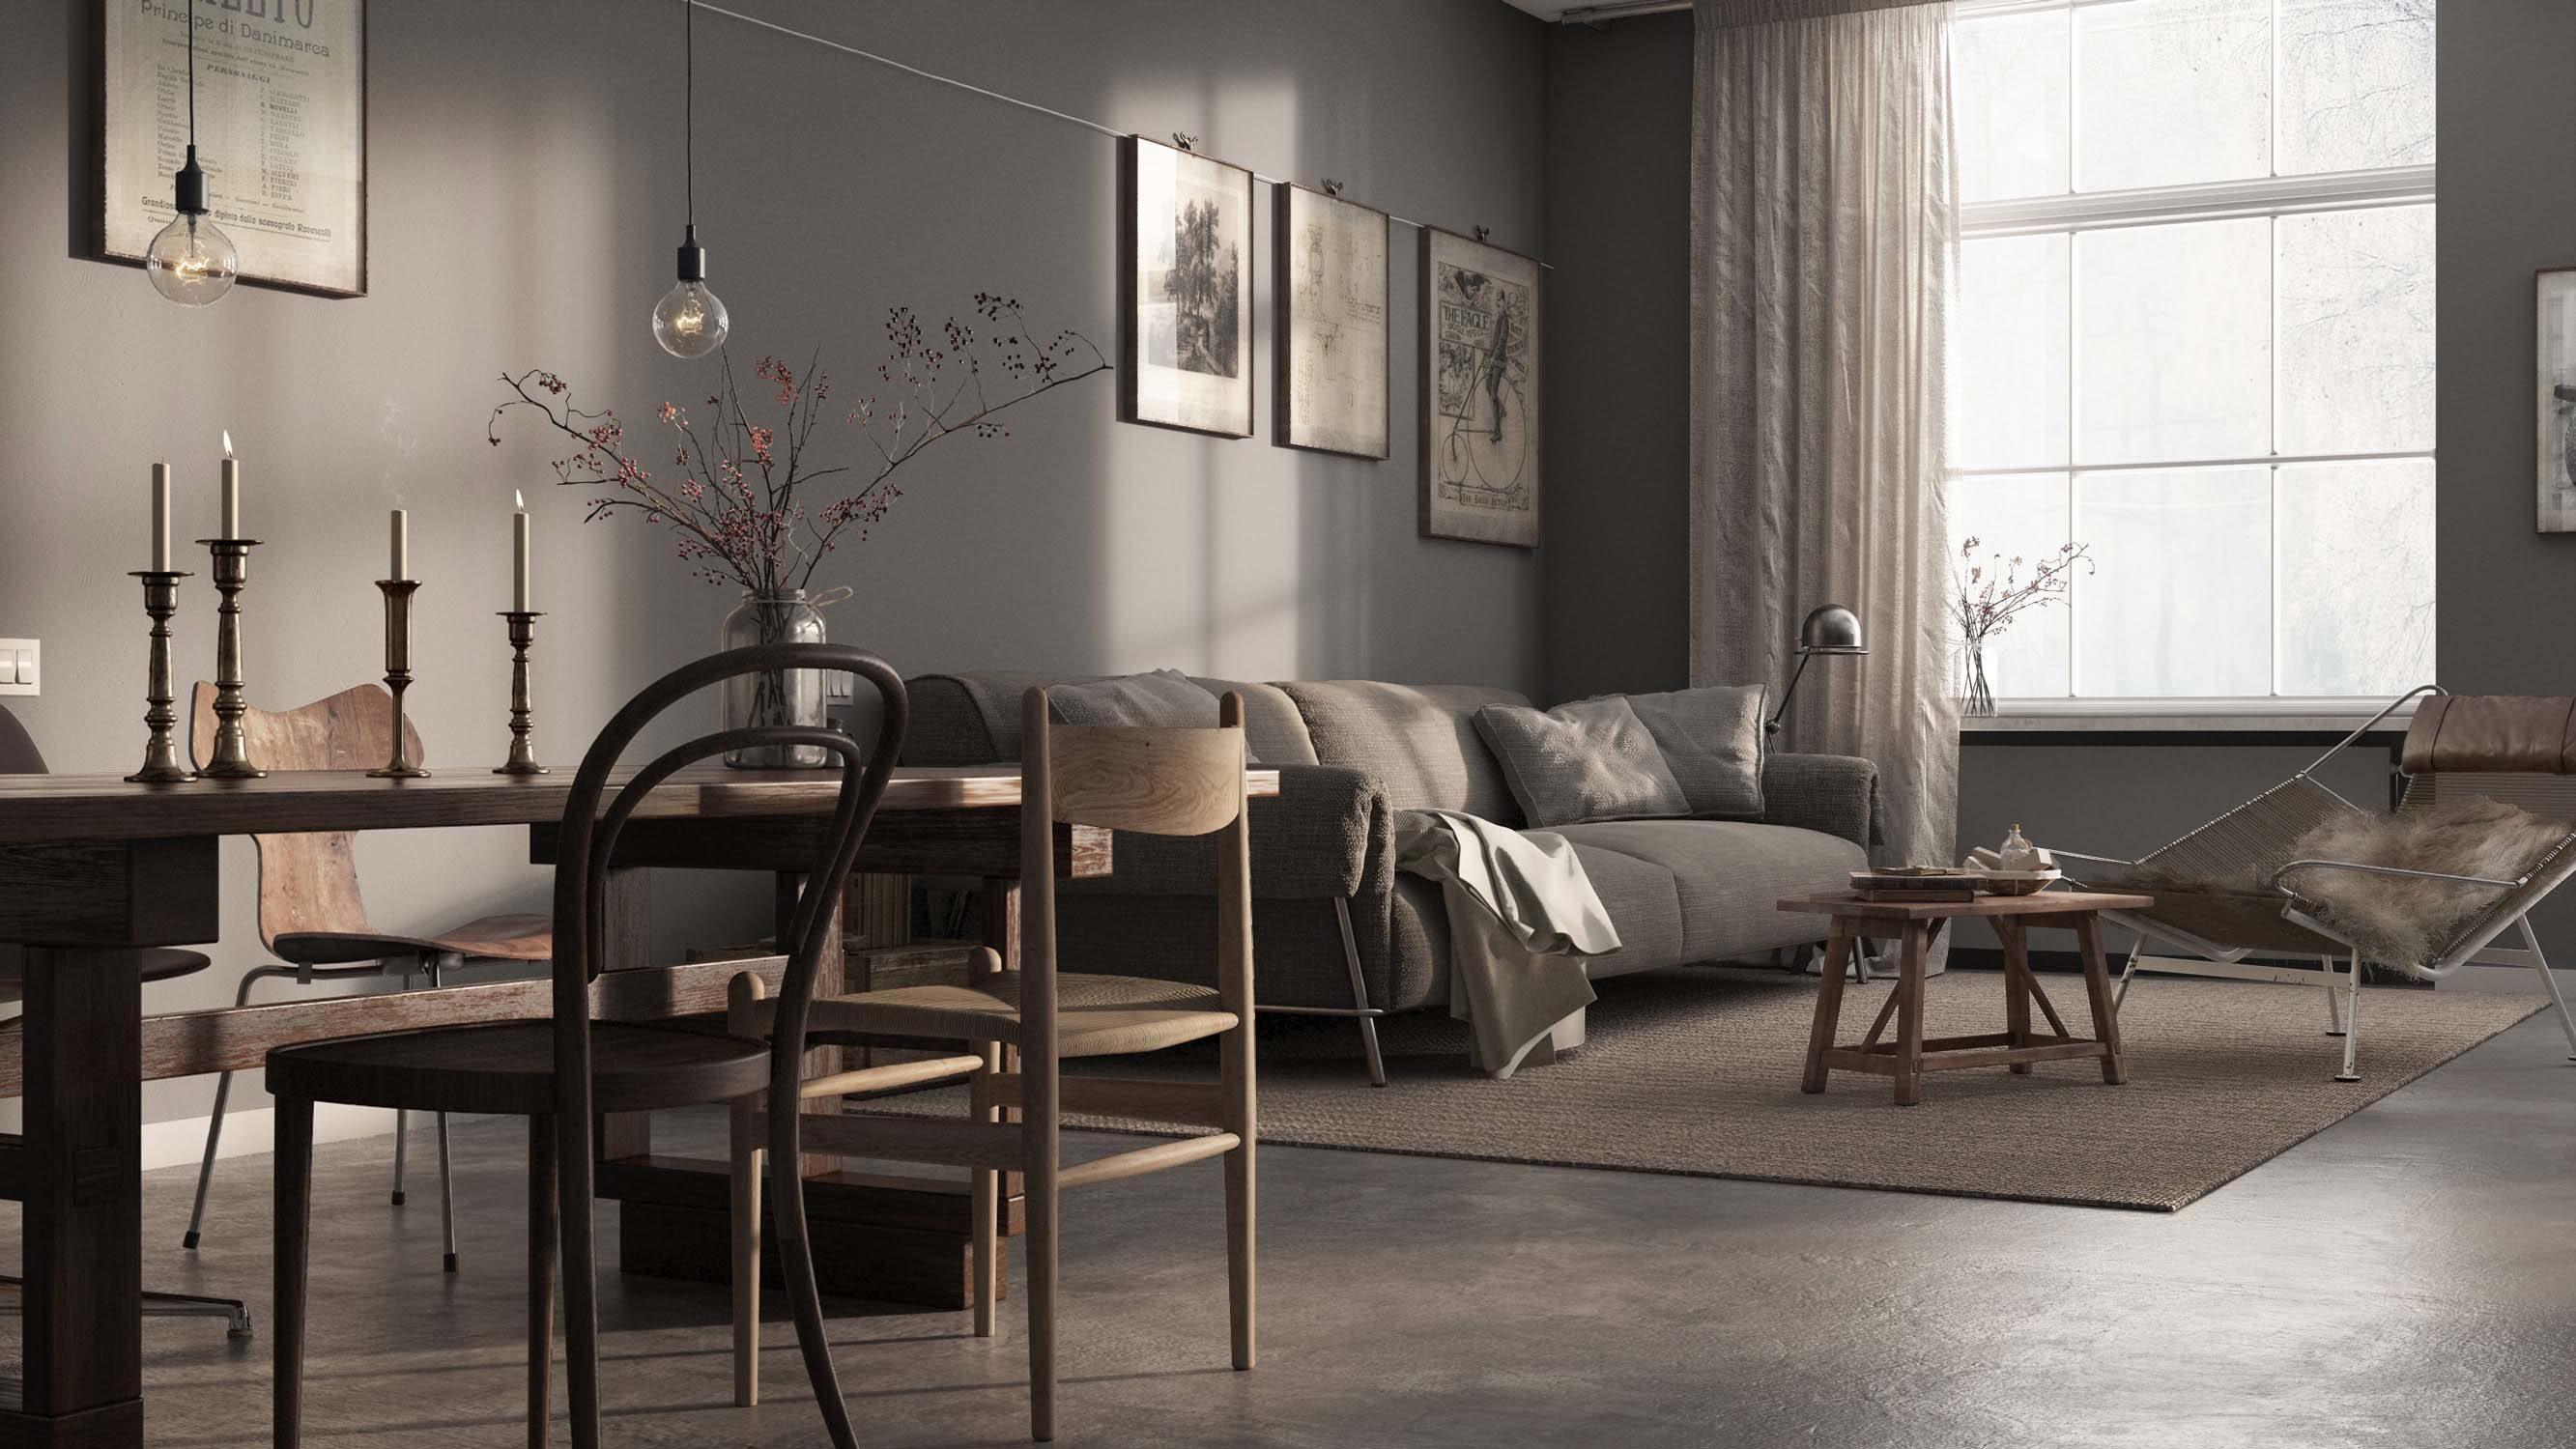 Swedish apartment in Malmo – Level Creative studio, 2015